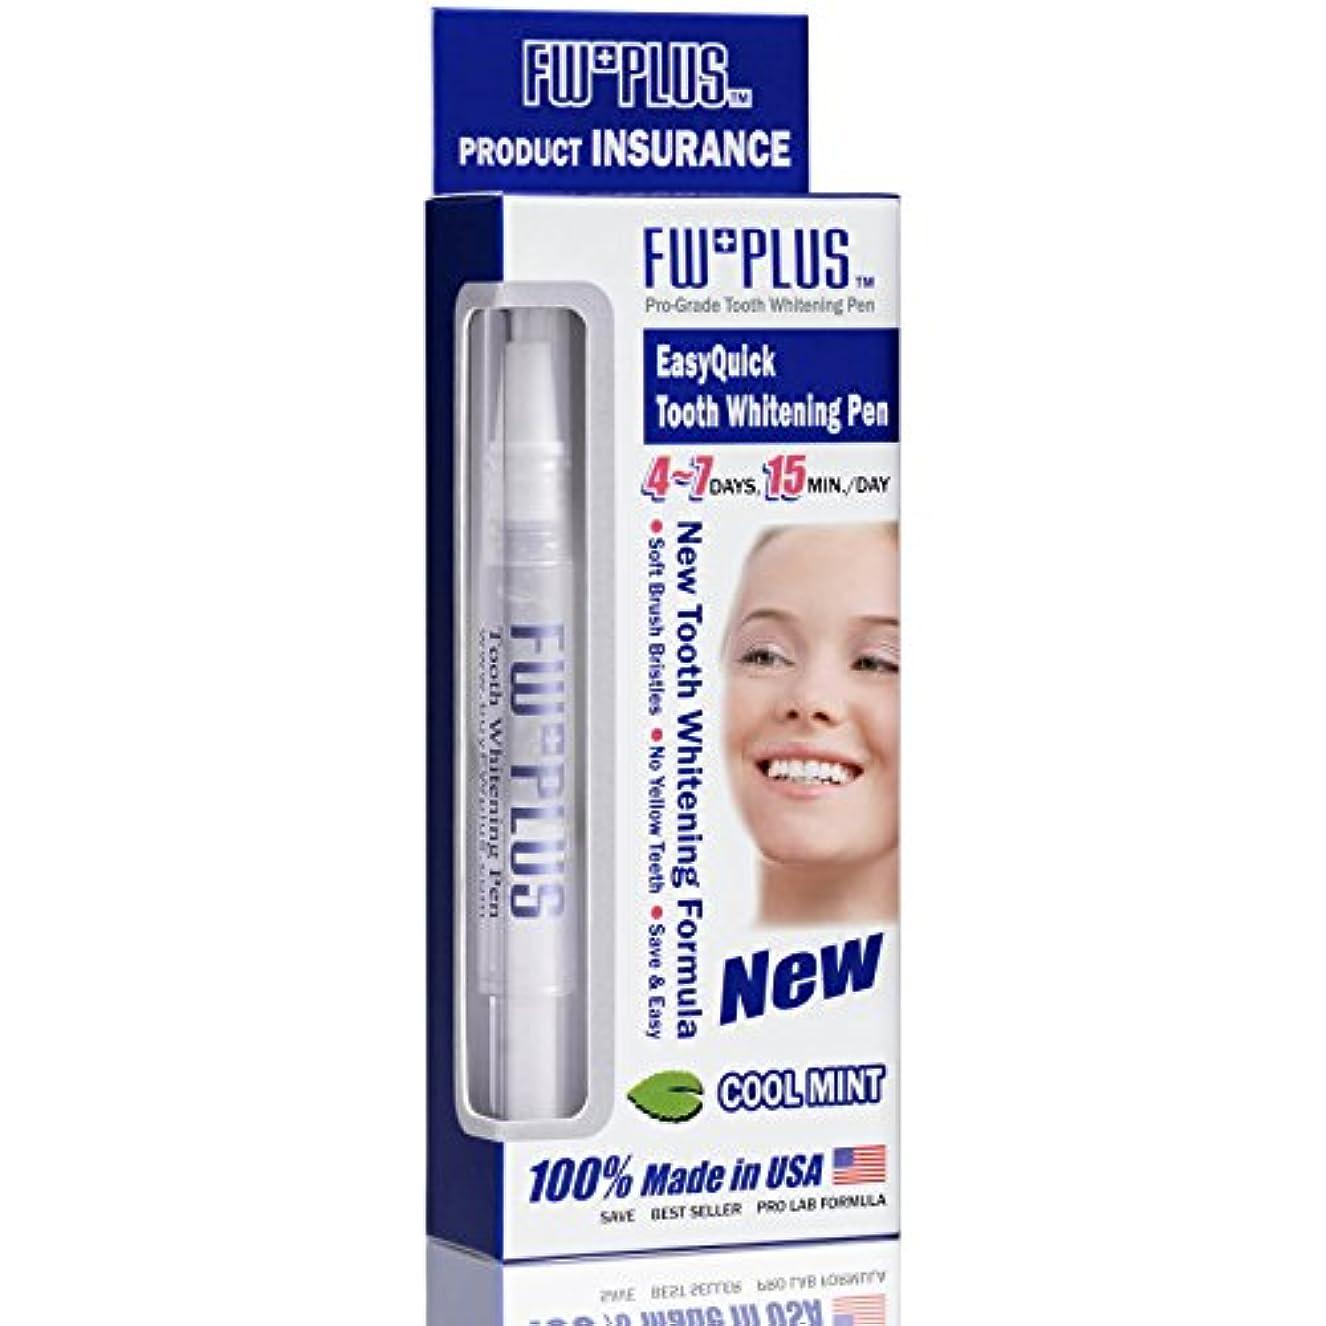 返還十年好奇心FW+PLUS菲斯華 歯を白くする 簡単即効ホーム歯ホワイトニングペン 歯ホワイトニング 人気 歯ホワイトニング ジェル